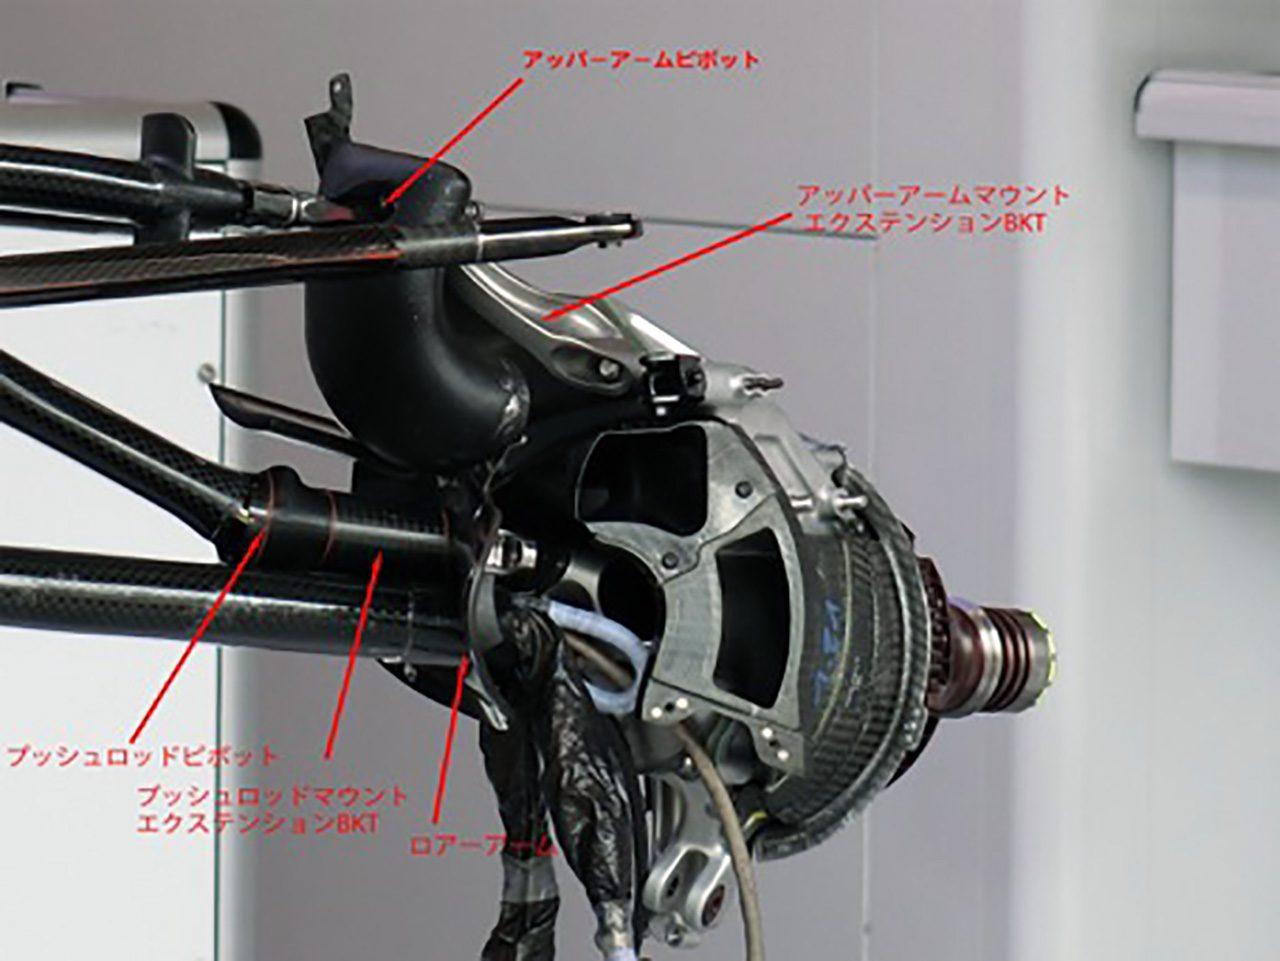 ザウバーC37のトロロッソ型フロントサスペンション